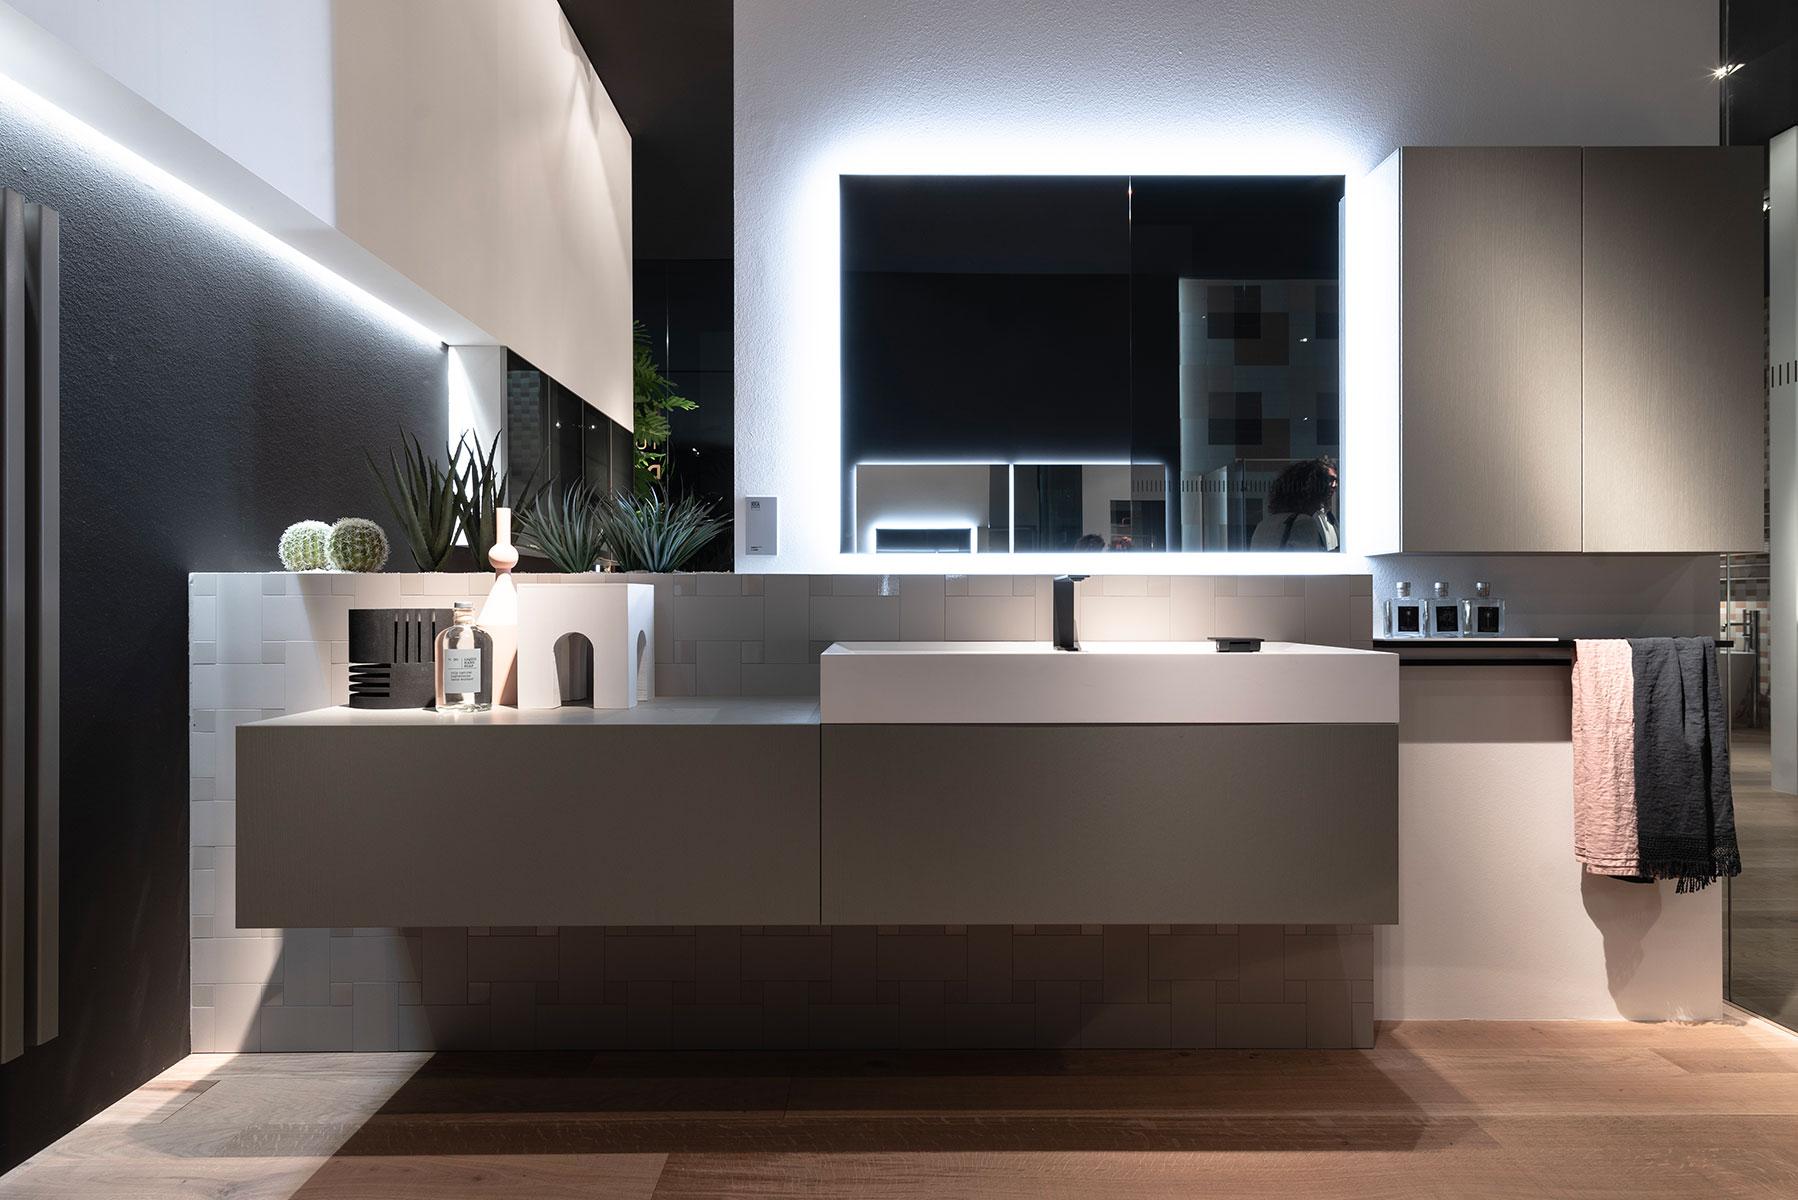 Camere Da Bagno Moderne.Il Colore Nella Stanza Da Bagno Contemporanea Ideagroup Blog